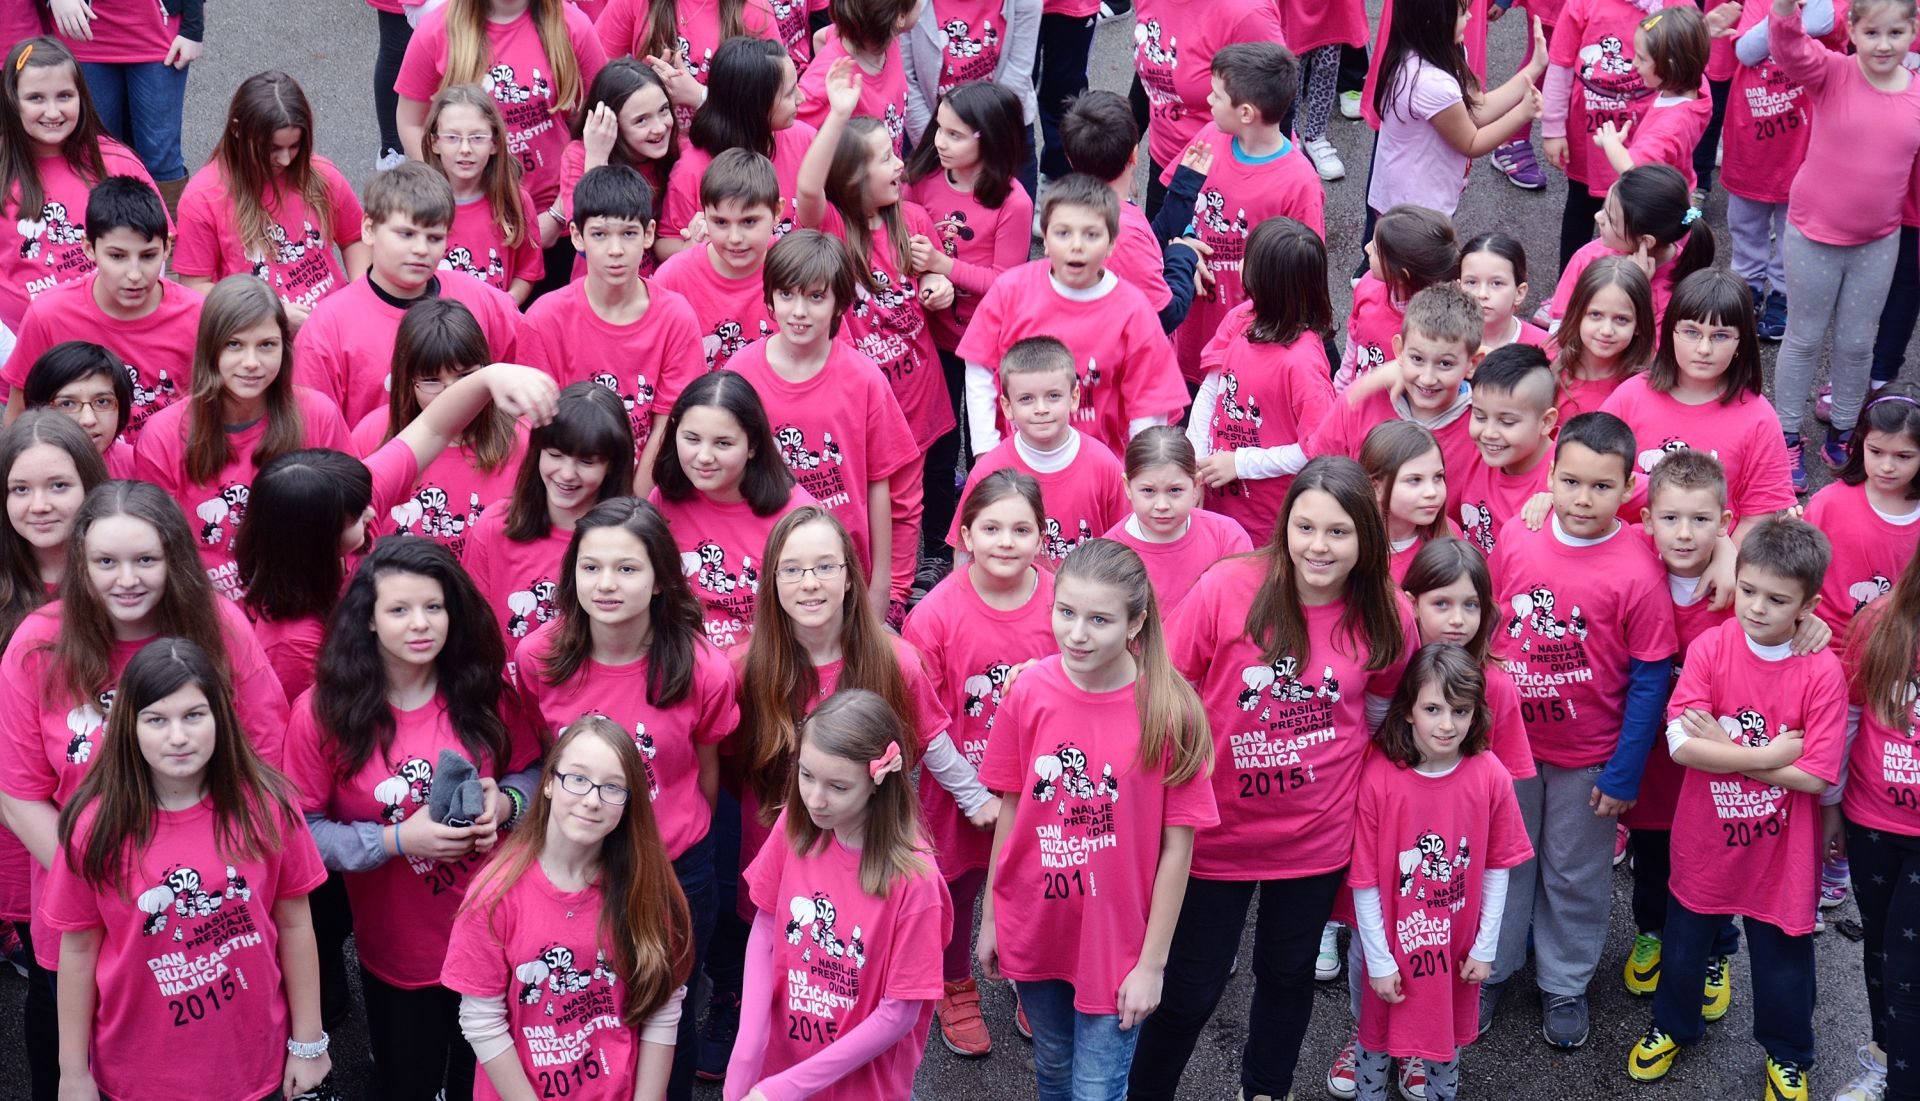 Dan je ružičastih majica